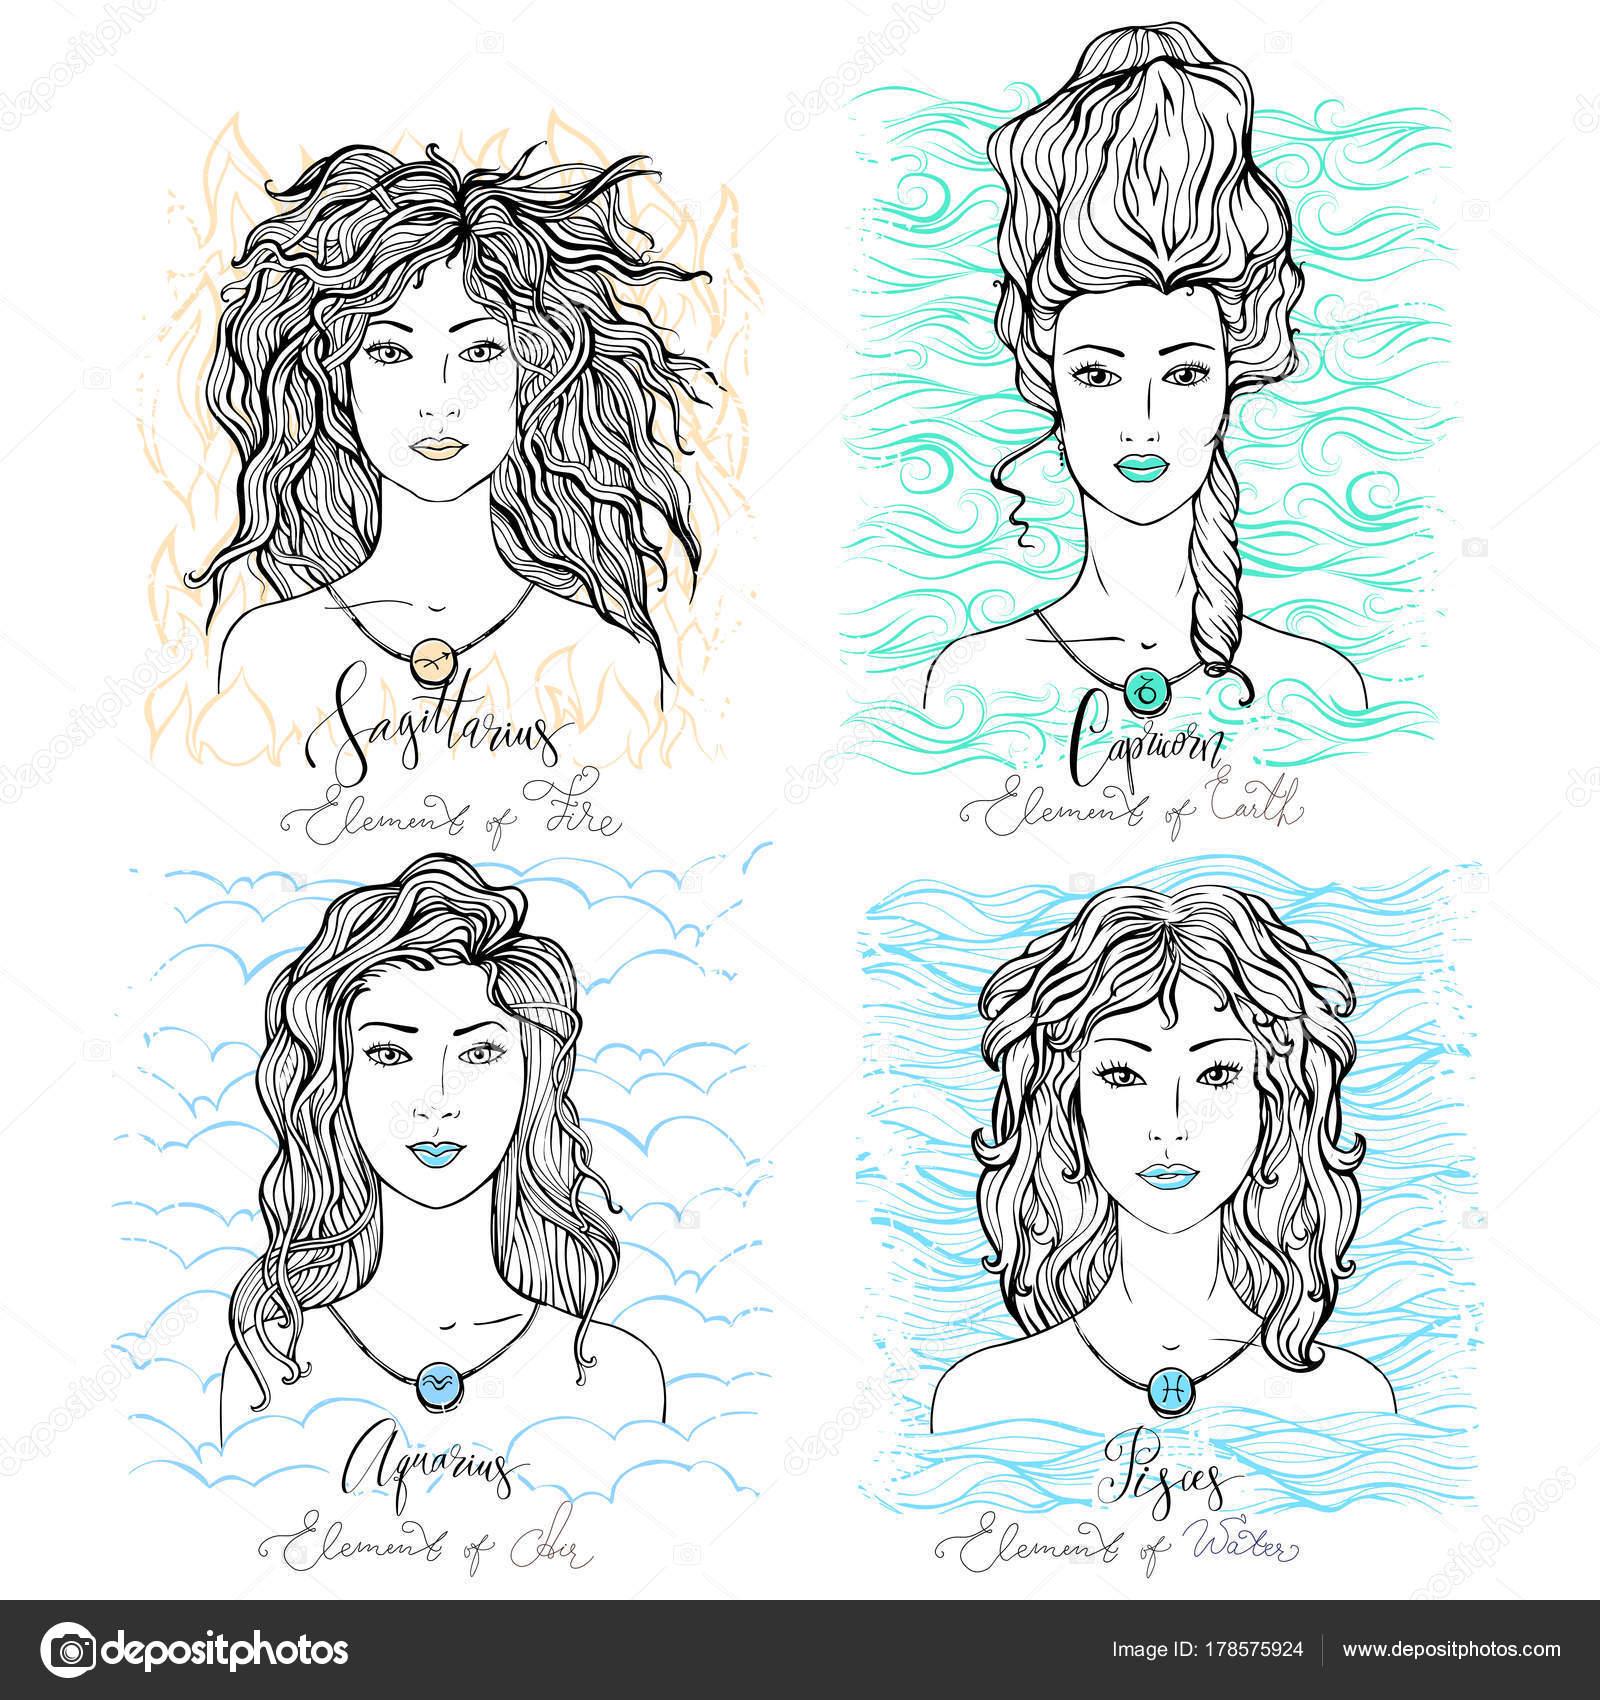 Four Zodiac Signs Sagittarius Capricorn Aquarius Pisces Image ...